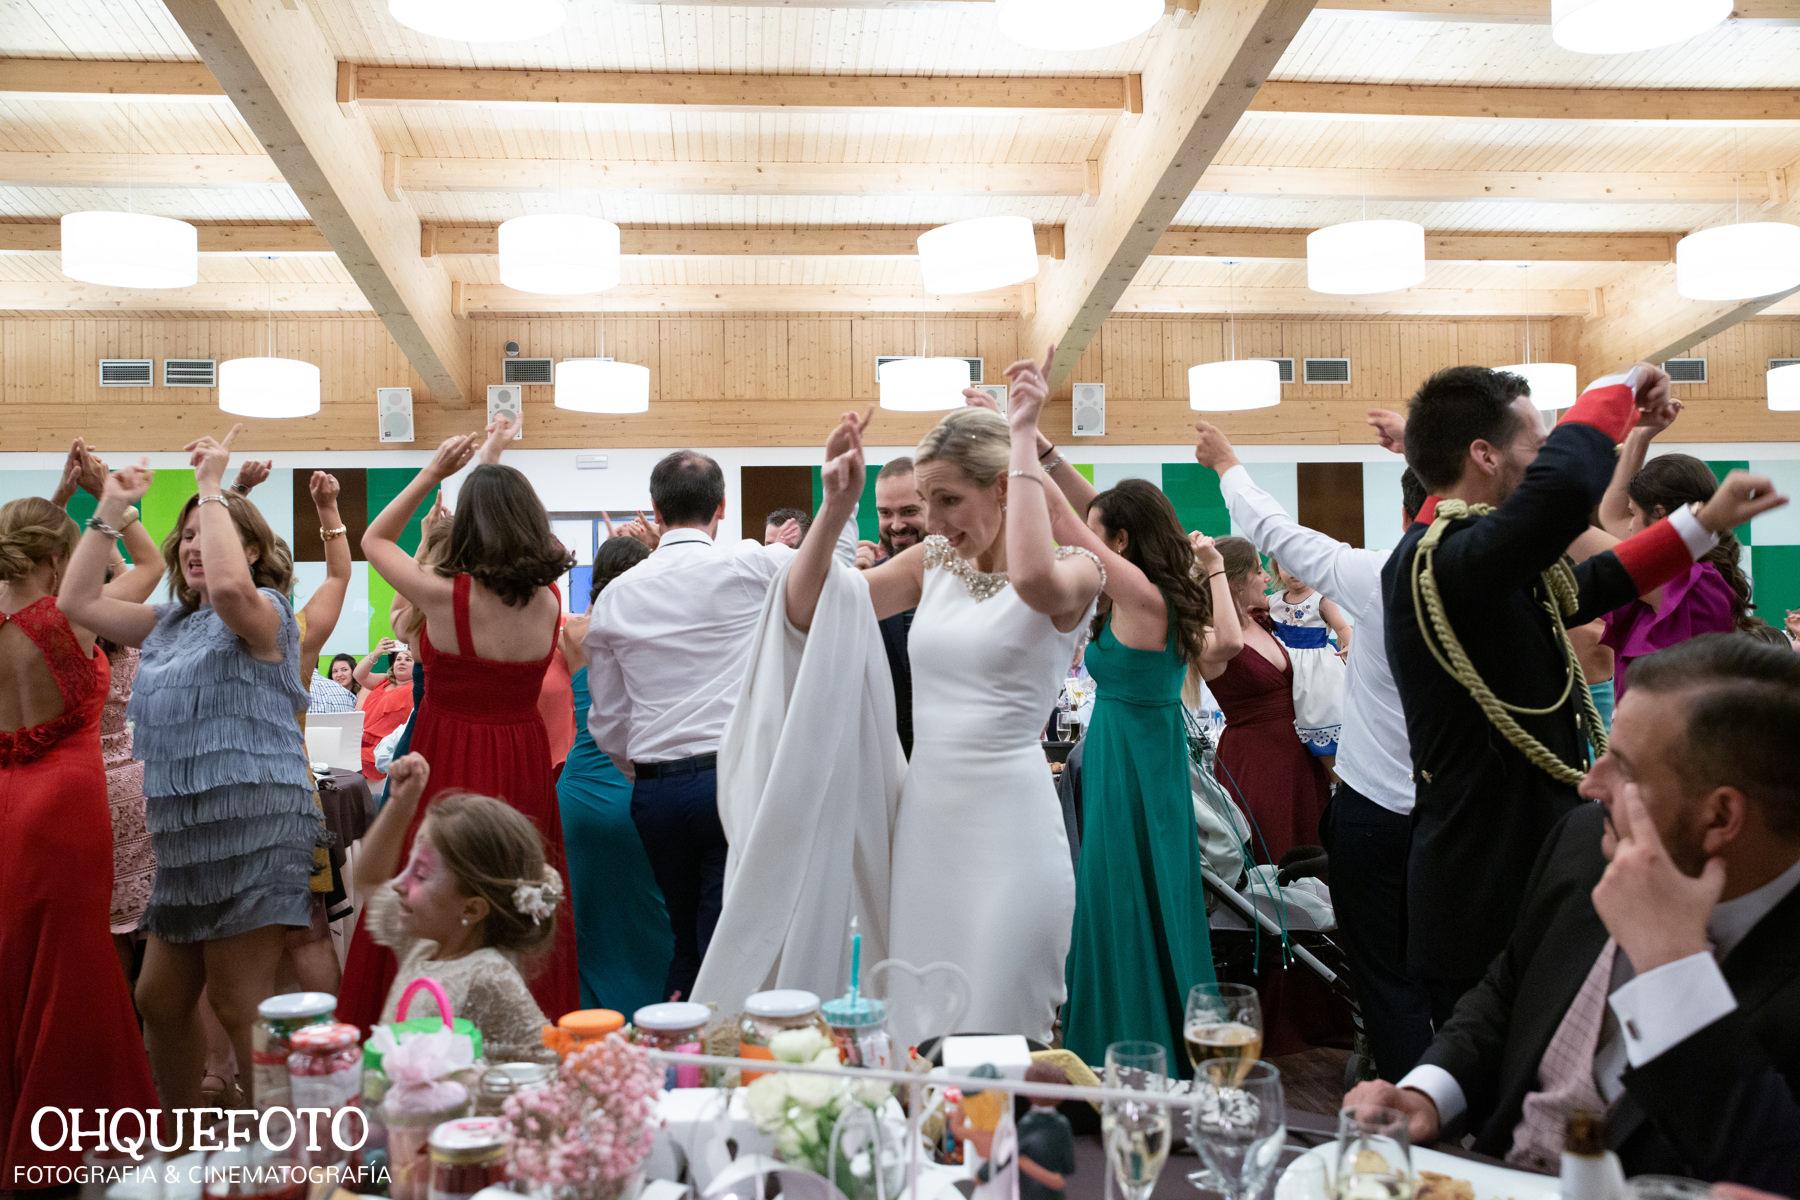 boda en la peraleda boda en cabeza del buey boda en capilla reportaje de bodas en almaden video de bodas en cordoba485 - Jose y Gema - Boda en Zarza Capilla y la Finca La Peraleda (Chillón)